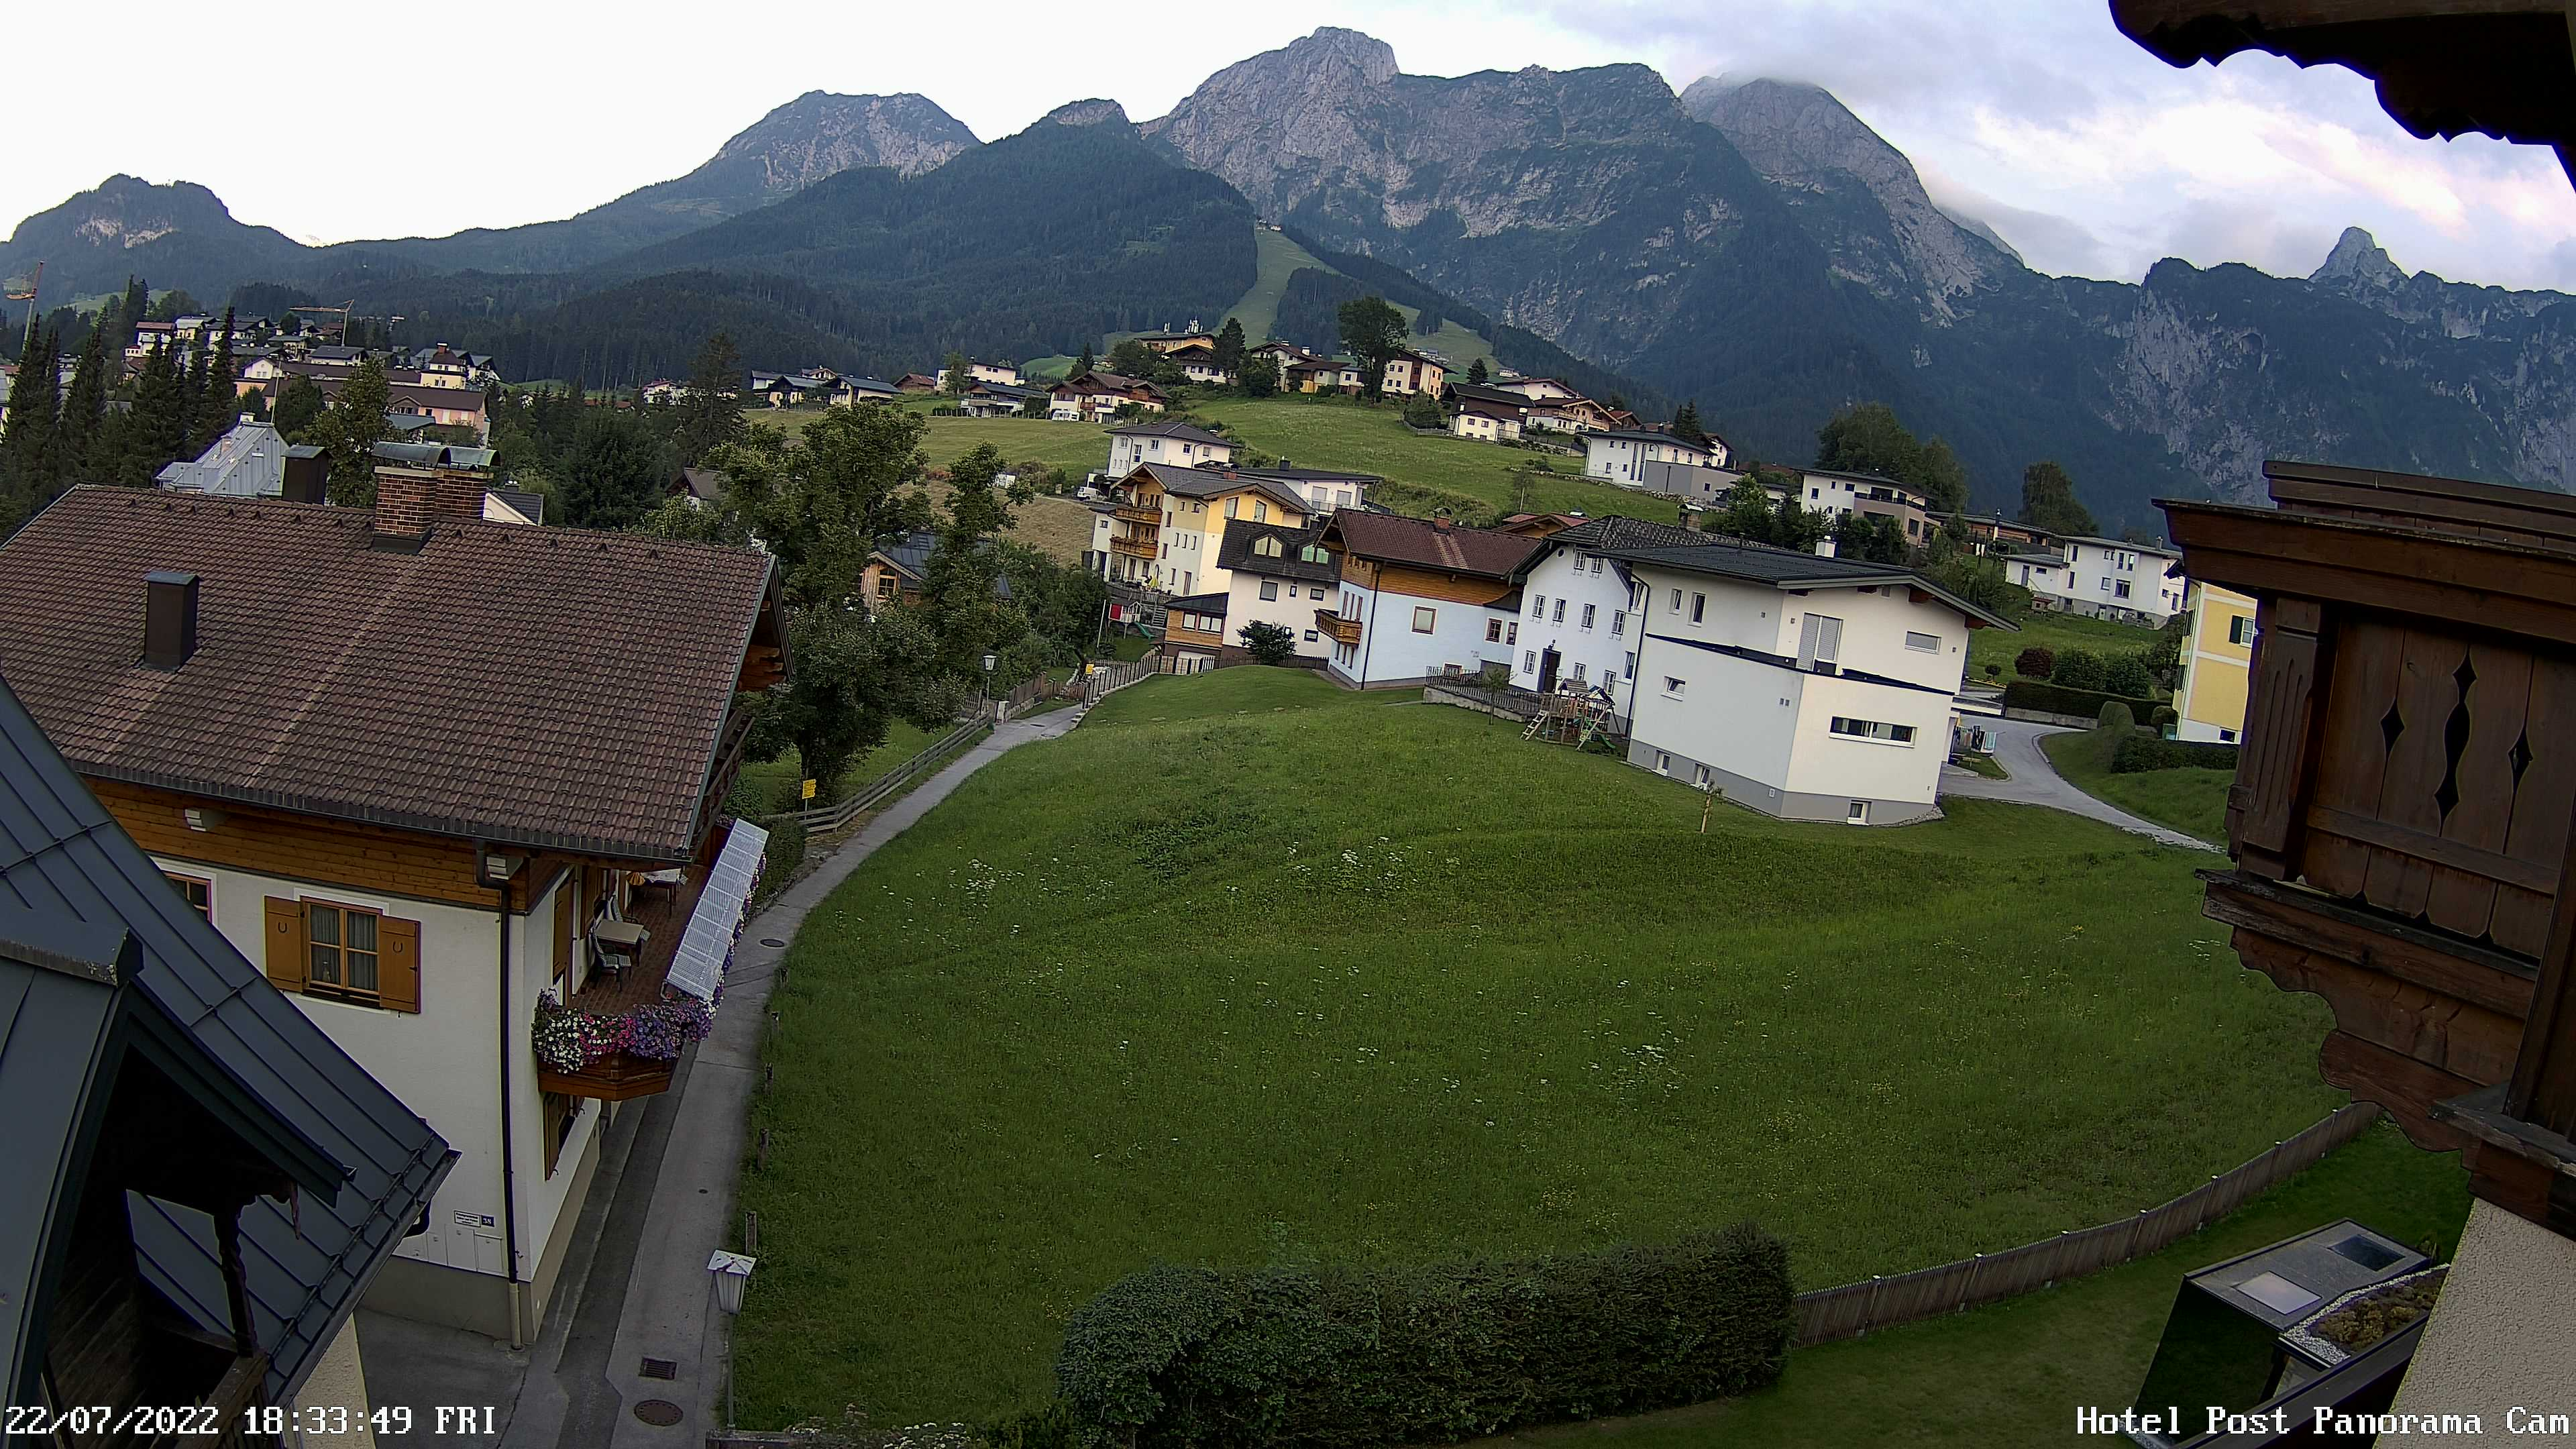 Webcam view of the Karkogel - Hotel Post